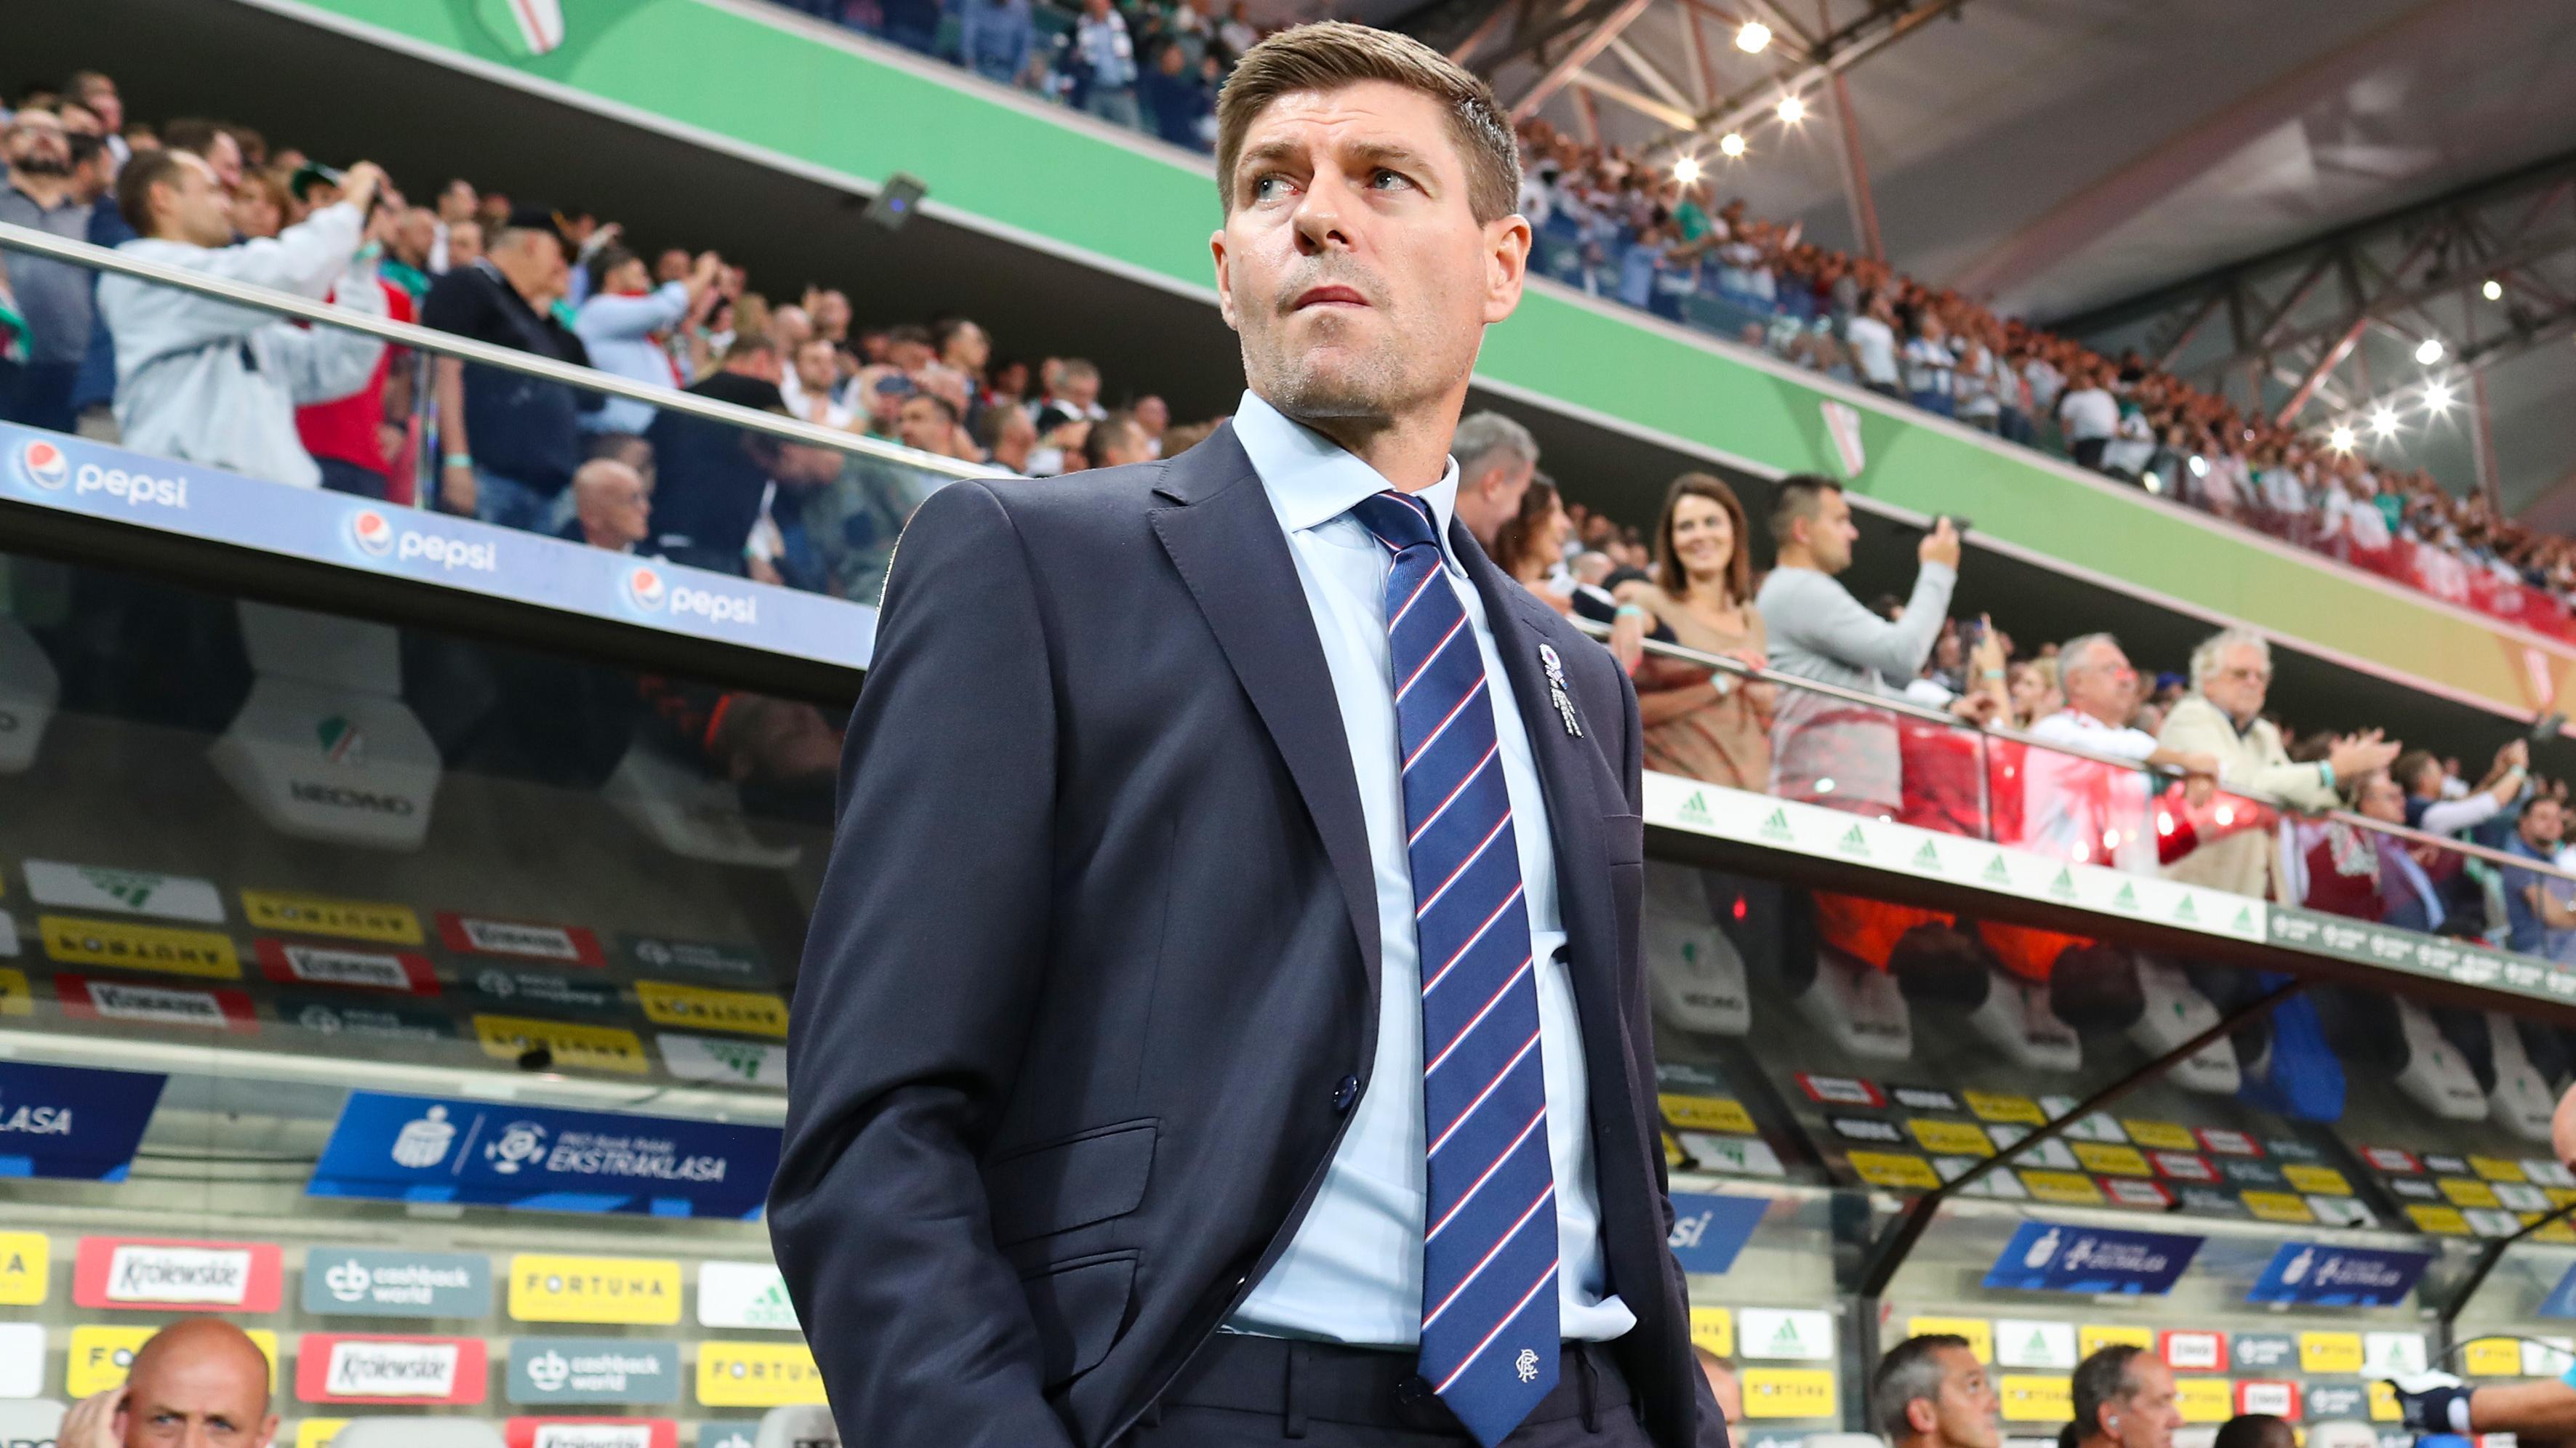 Felieton Jerzego Dudka: Gerrard wróci do Liverpoolu